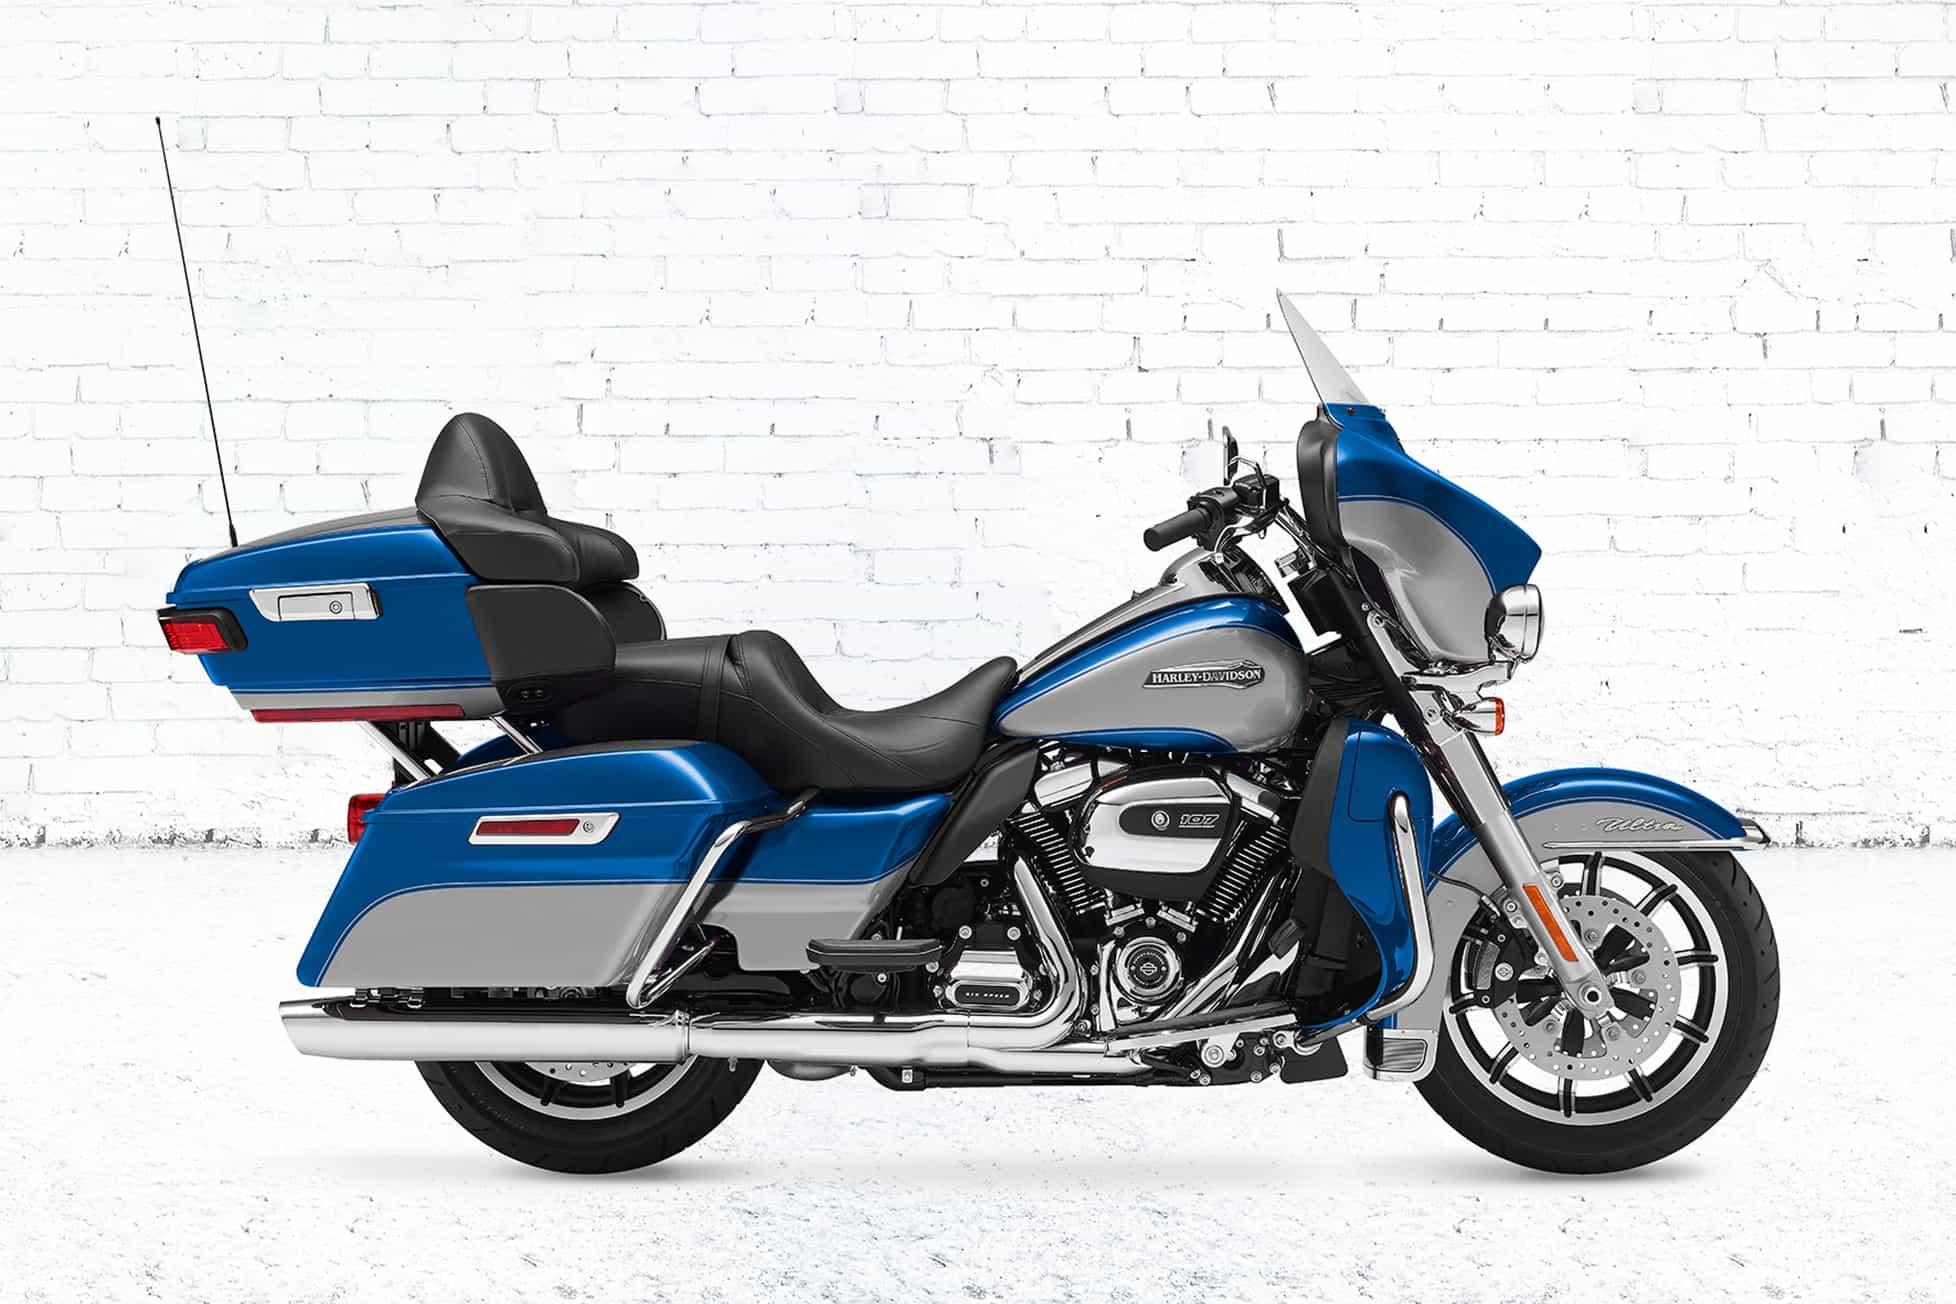 2006 Harley Davidson Fuse Box